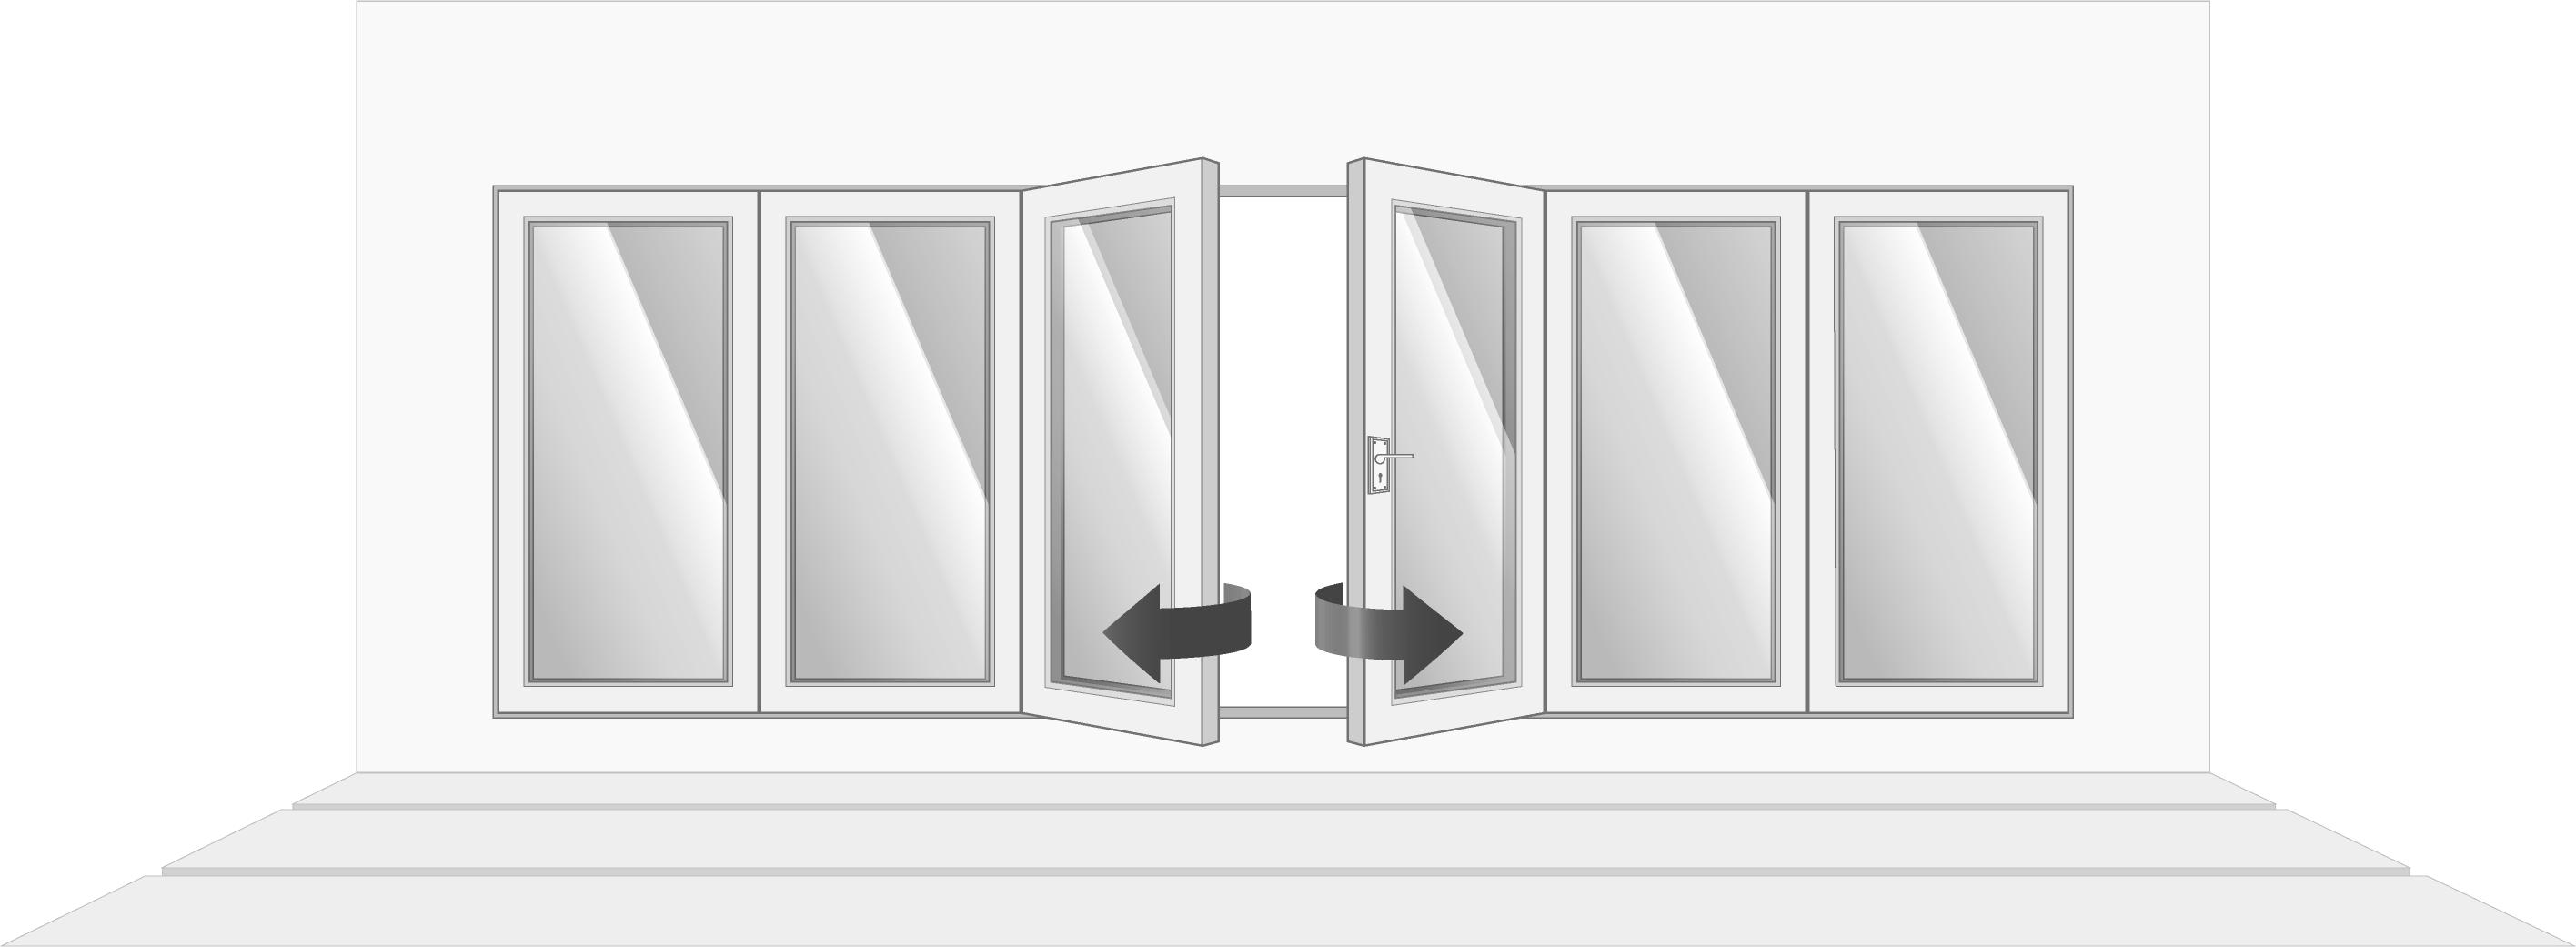 6-door, partially open